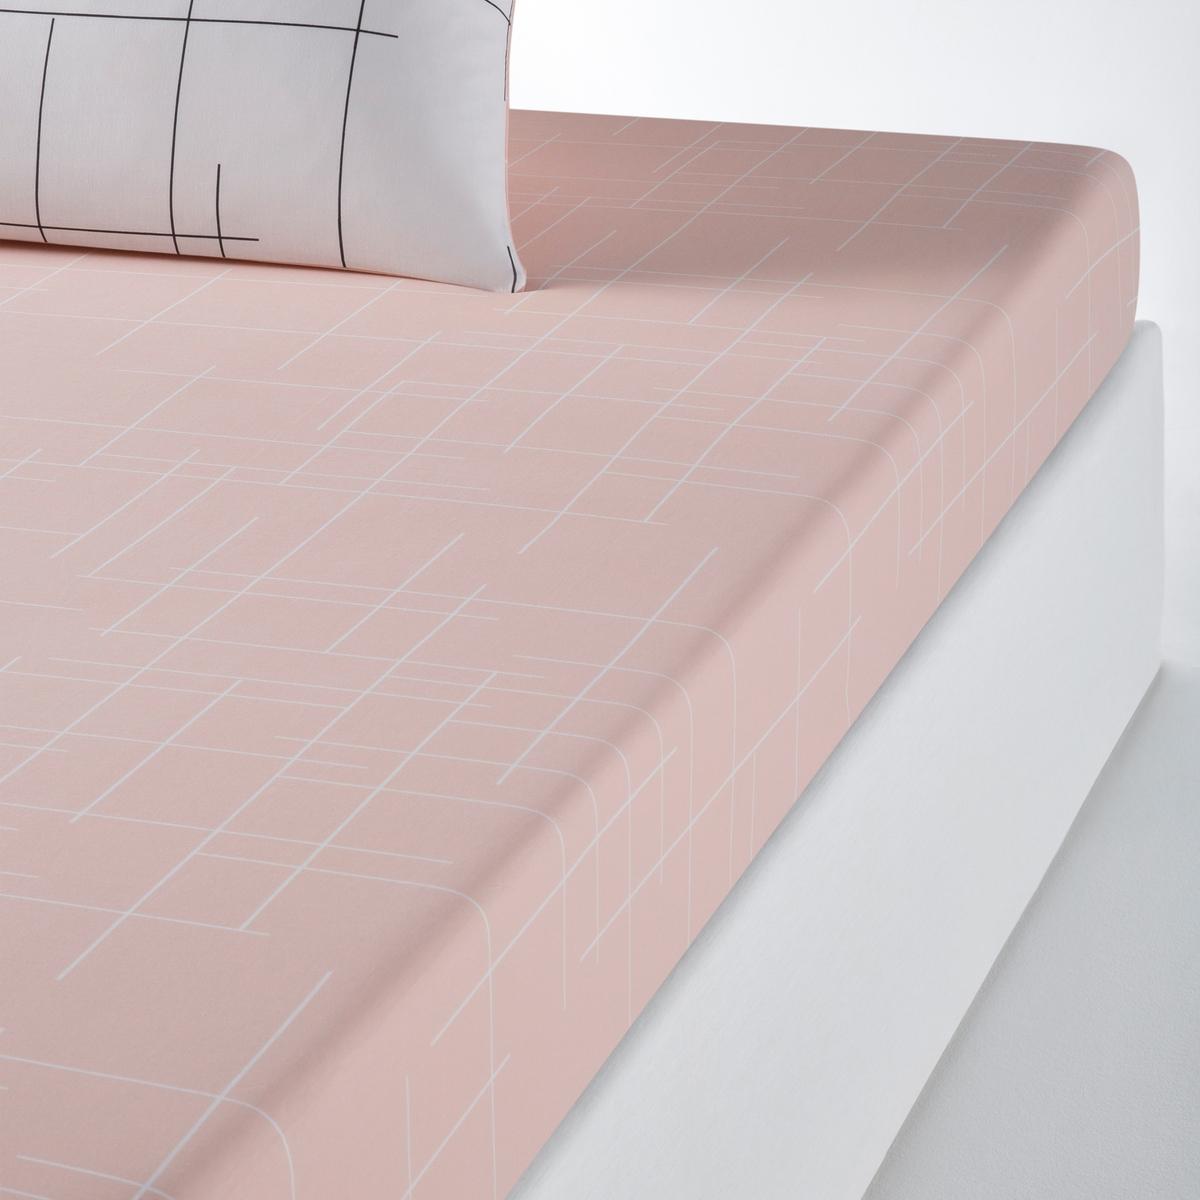 Простыня La Redoute Натяжная с рисунком CHARLINE 90 x 190 см белый чехол la redoute защитный для матраса натяжной из эластичной микрофибры 90 x 190 см белый